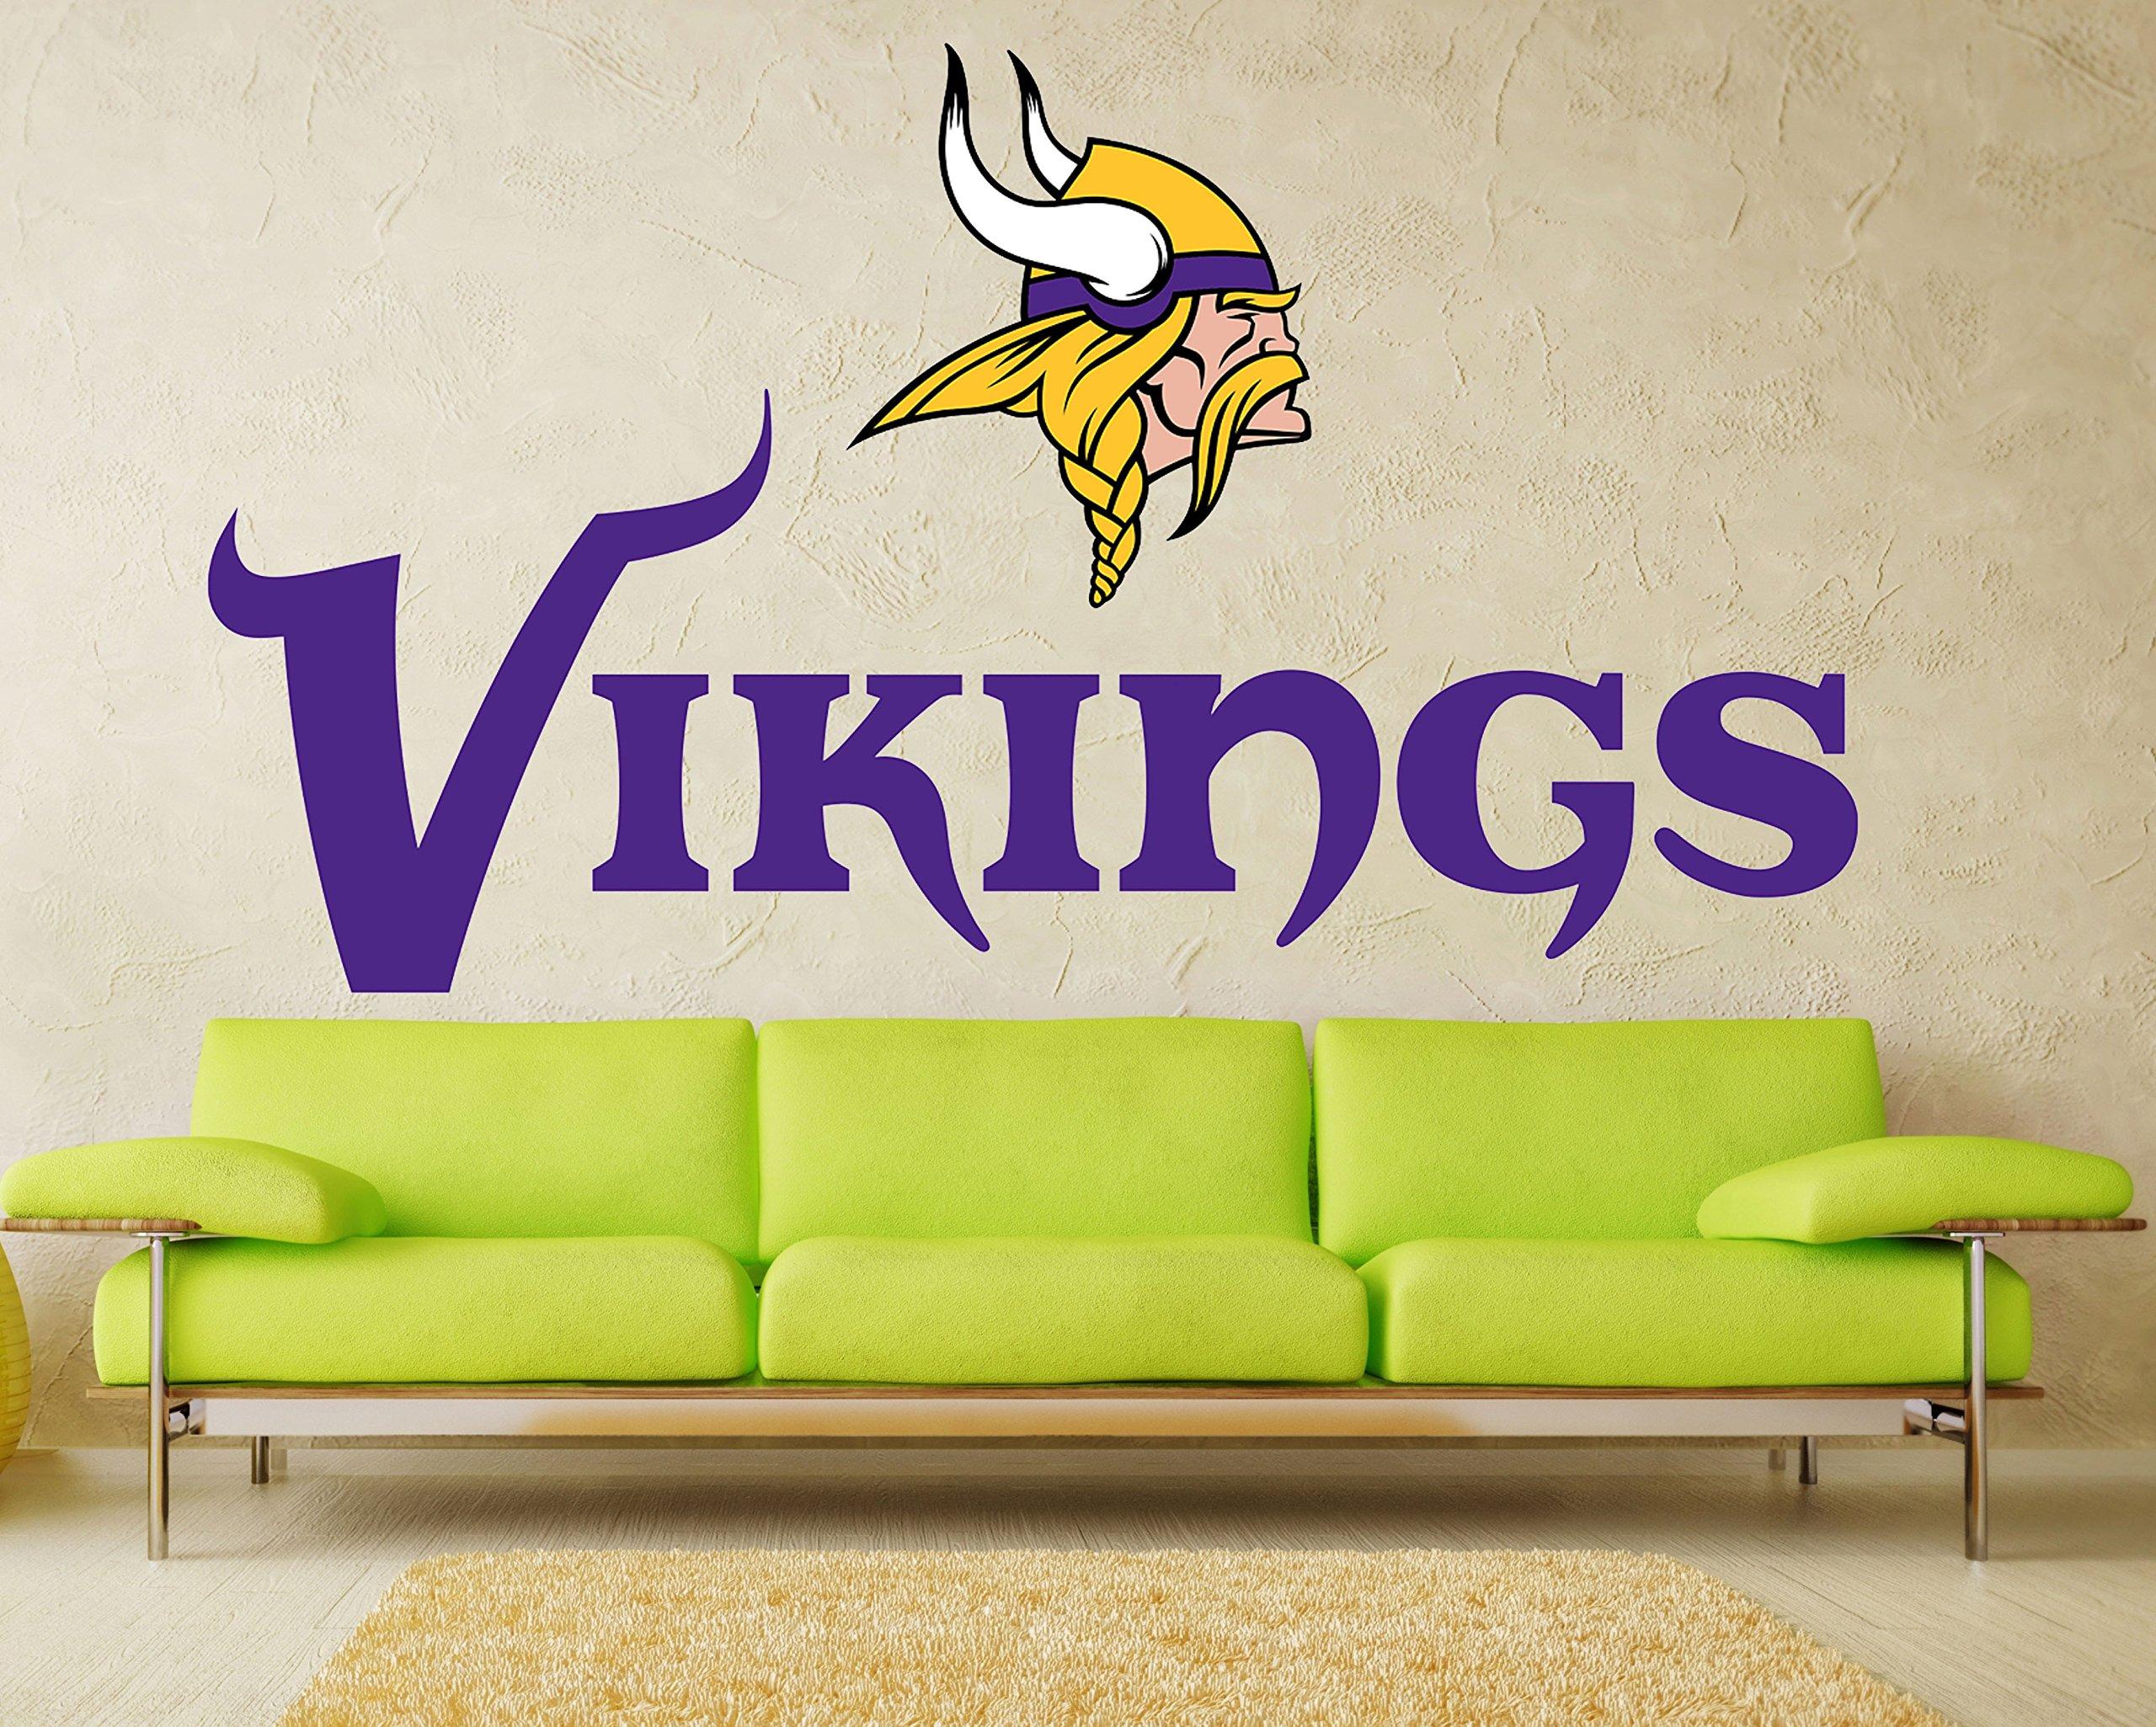 Minnesota Vikings sticker, Minnesota Vikings decal, Vikings decal, Vikings sticker, Minnesota Vikings home decor, Minnesota, Vikings bumper sticker, Vikings NFL sticker, vmb01 (20x40) by stickalz